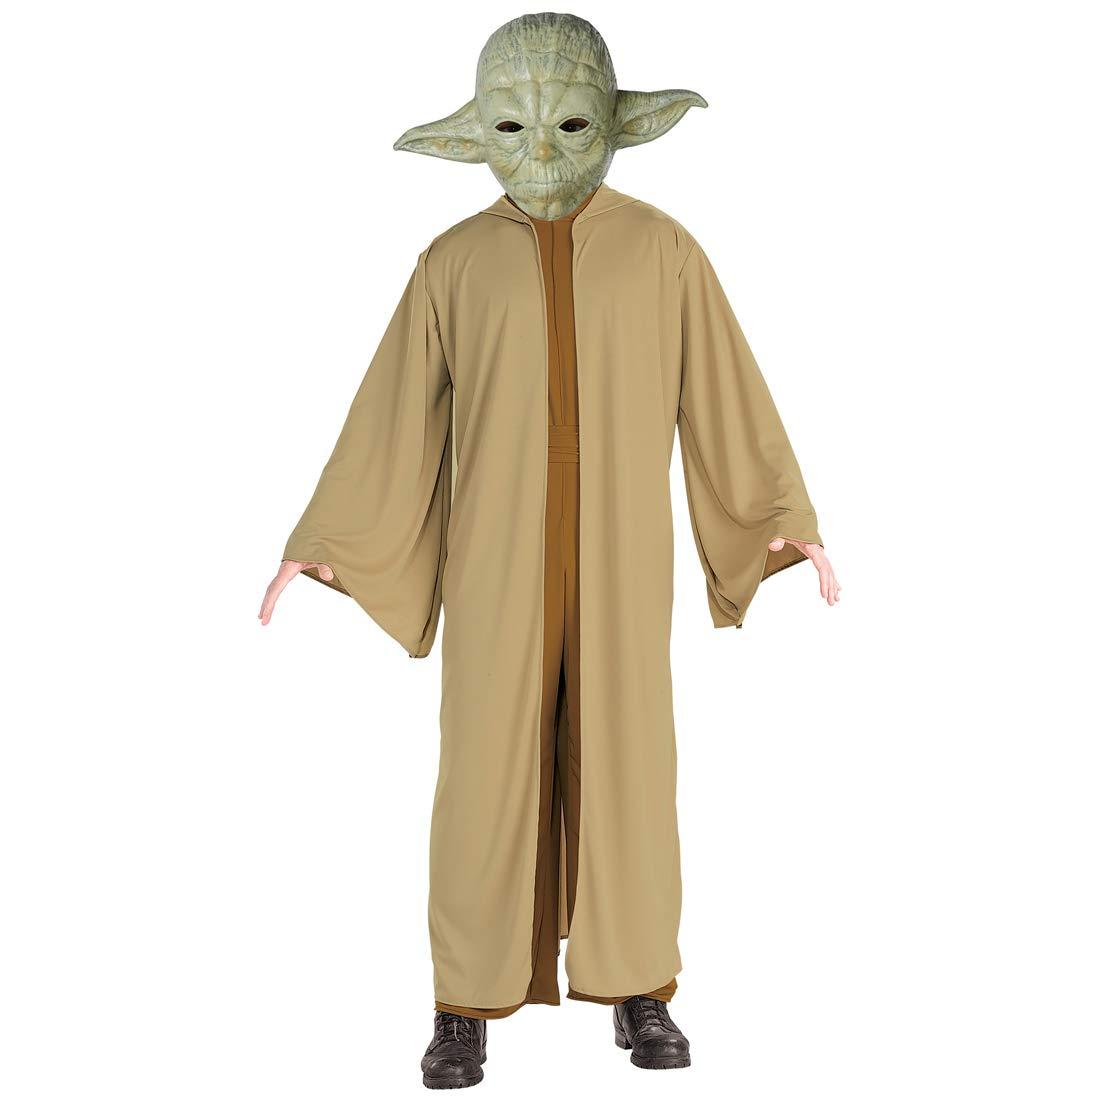 Costume da Maestro Yoda   Marronee-verde in Taglia Std (50 - 54)   Stupendo Outfit Starwars da Maestro Jedi   Adatto a Feste di Carnevale